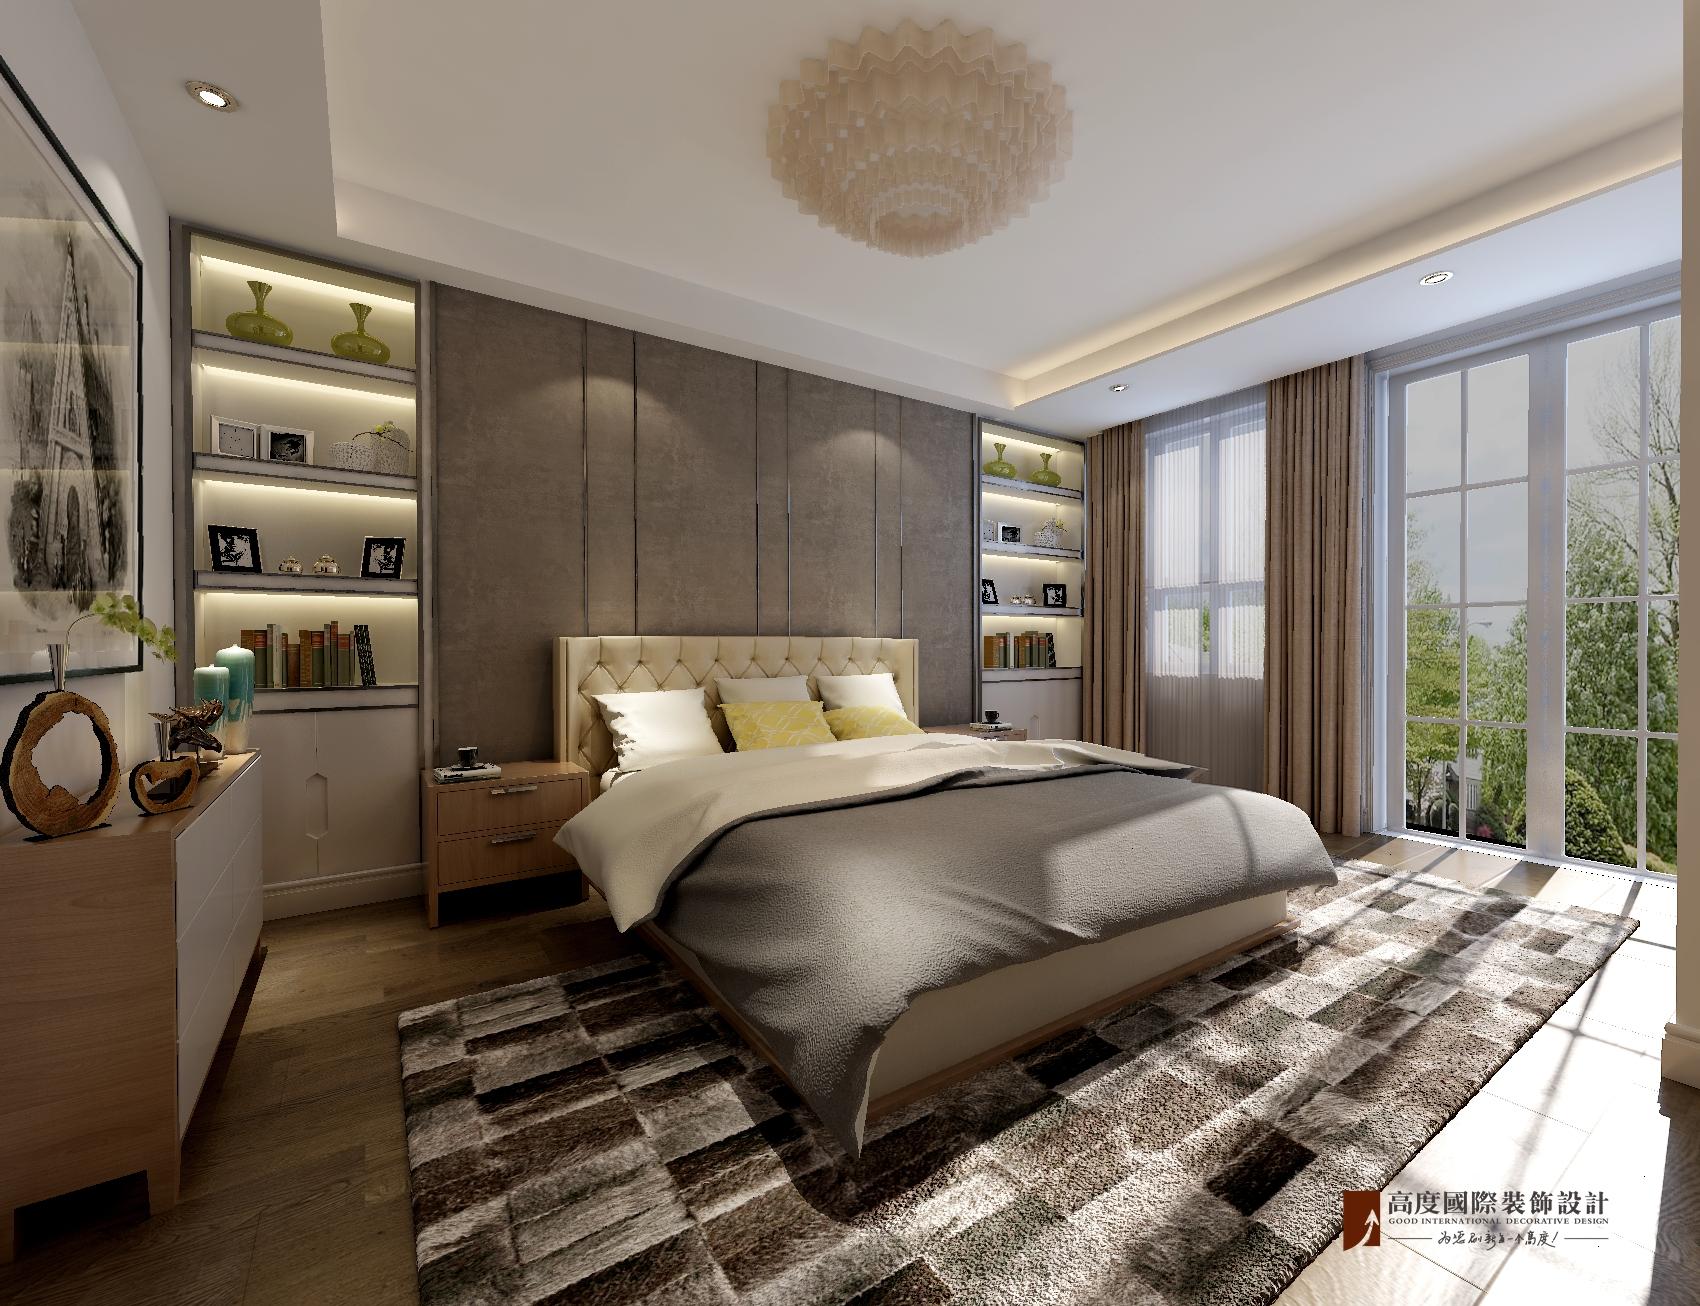 简约 别墅 独栋 卧室图片来自北京高度国际-陈玲在泉发花园——简约风格的分享